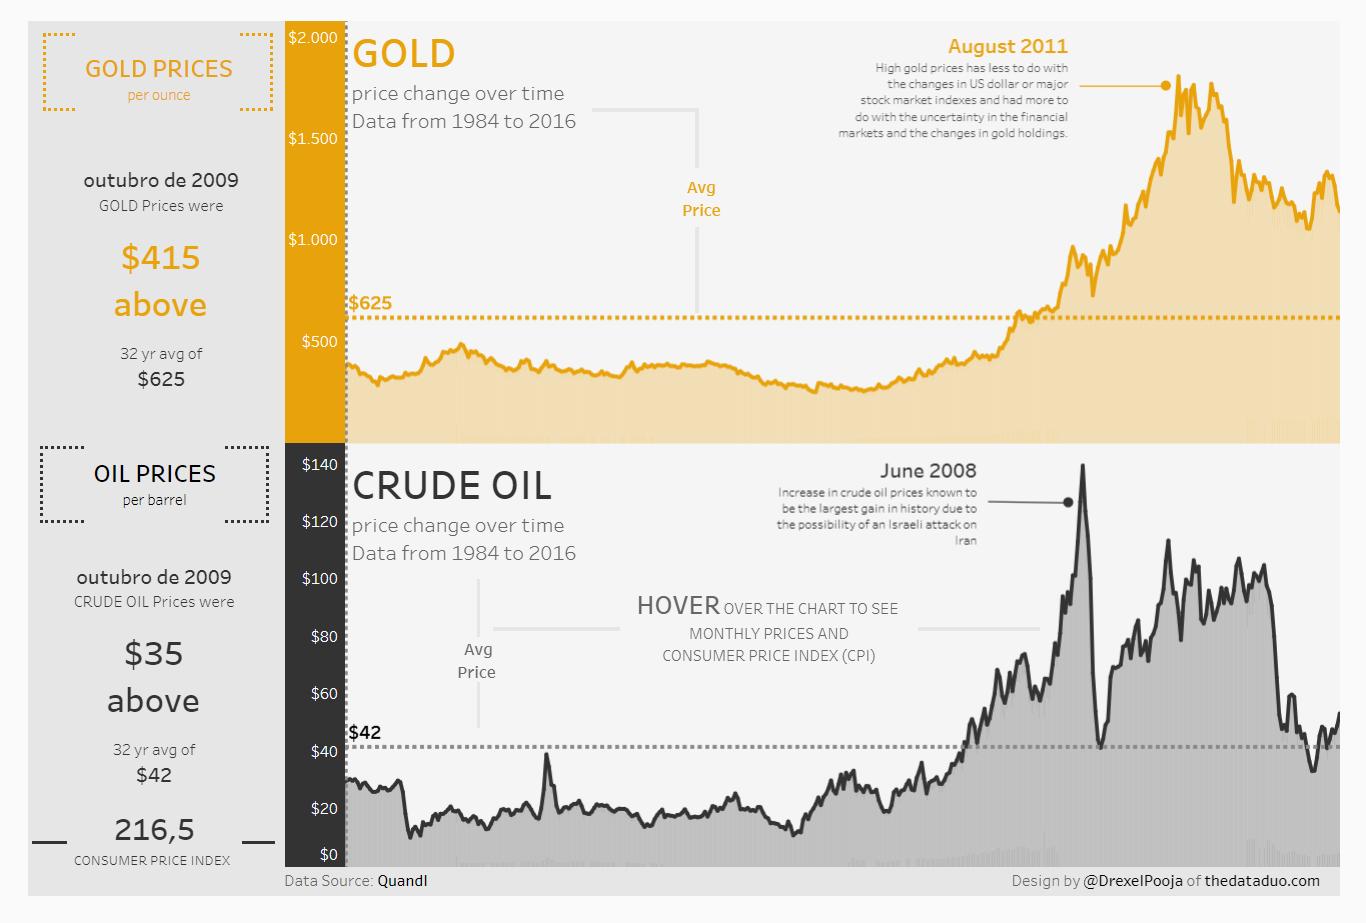 Ouro e petróleo bruto – Mudança de preço (1984 a 2016)